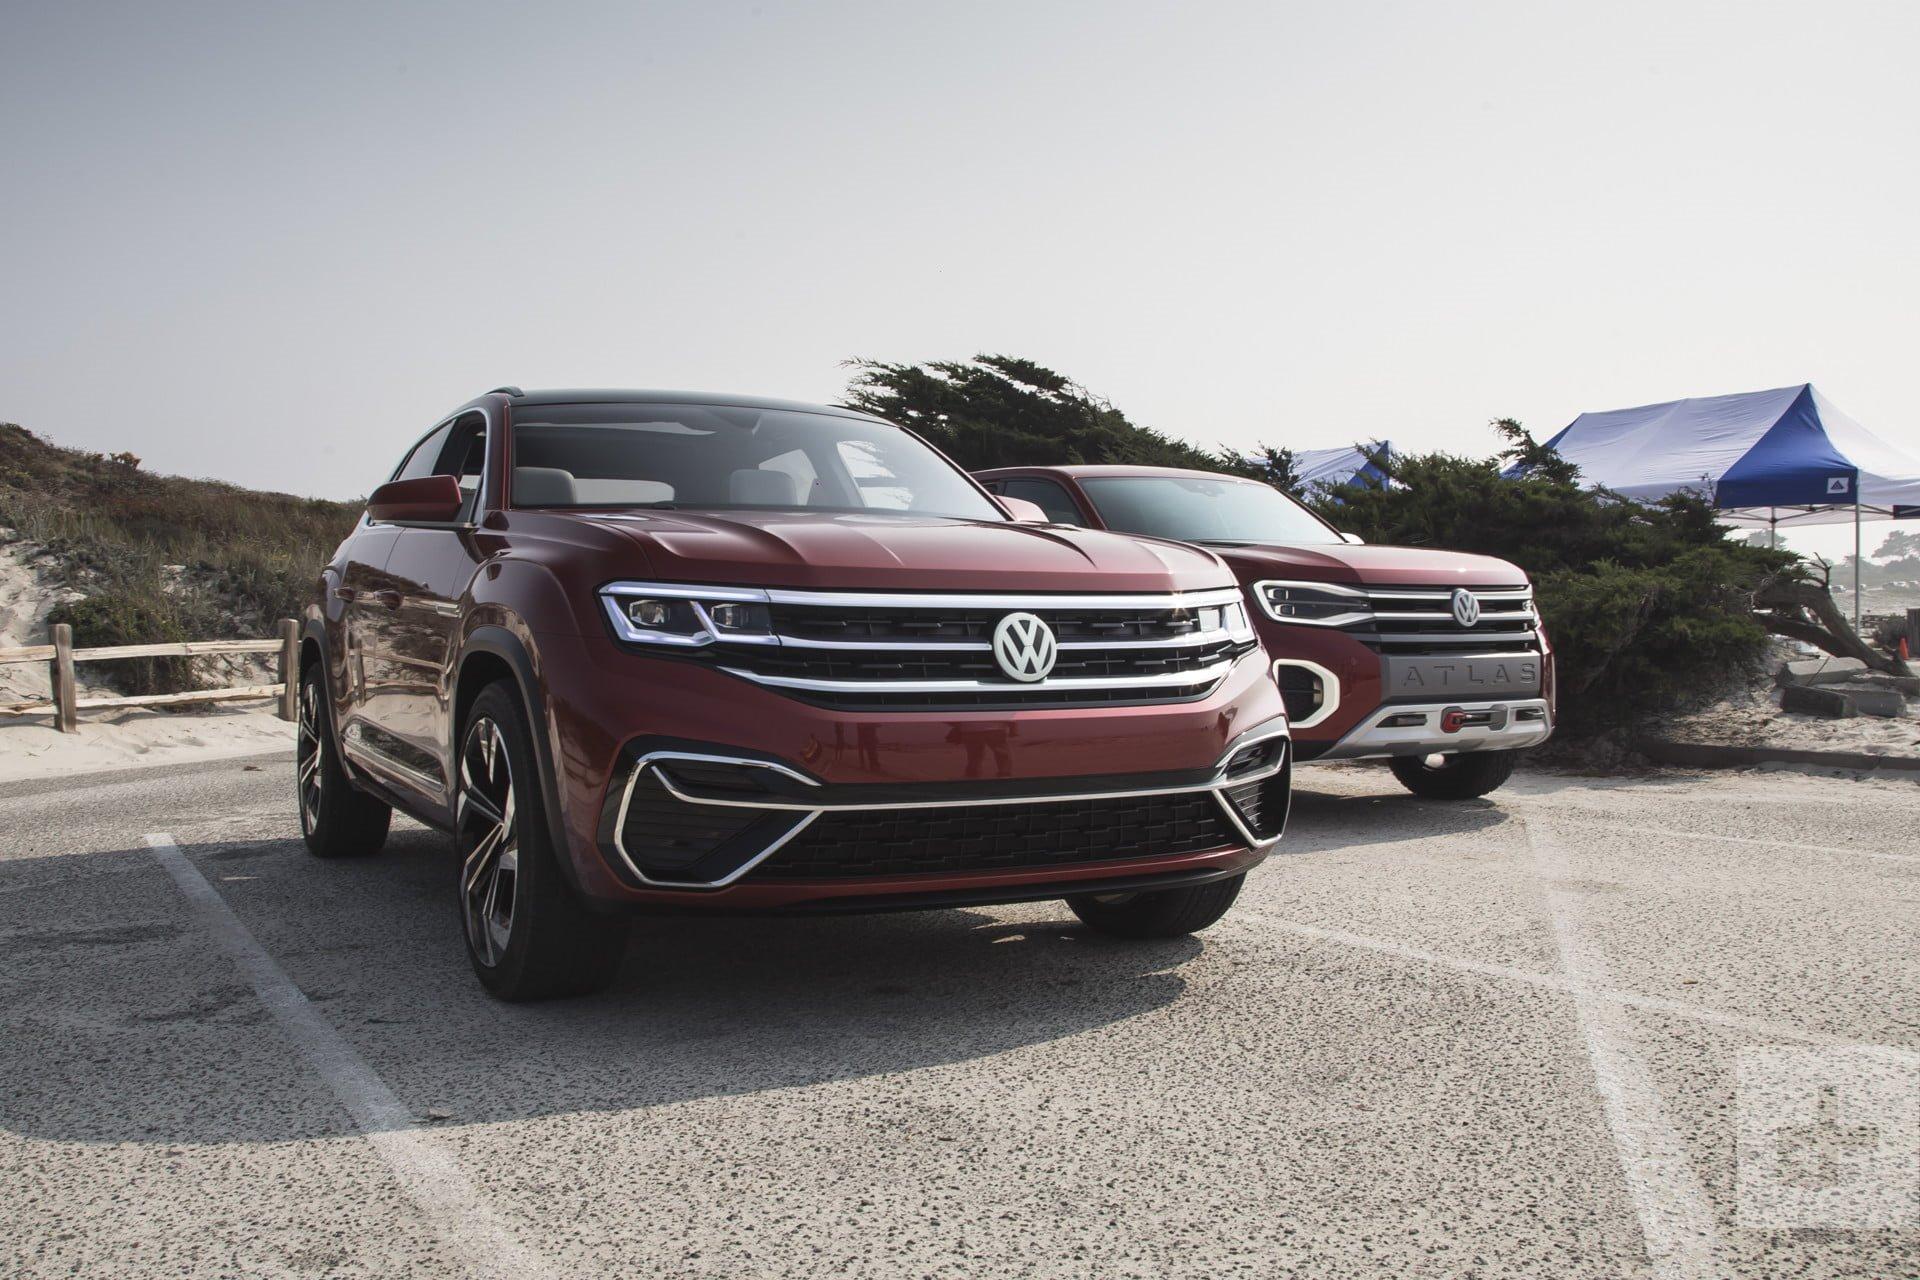 New 2019 Volkswagen-Atlas V6 SEL R-Line 4Motion Atlas V6 SEL R-Line 4Motion for sale $45,145 at M and V Leasing in Brooklyn NY 11223 1